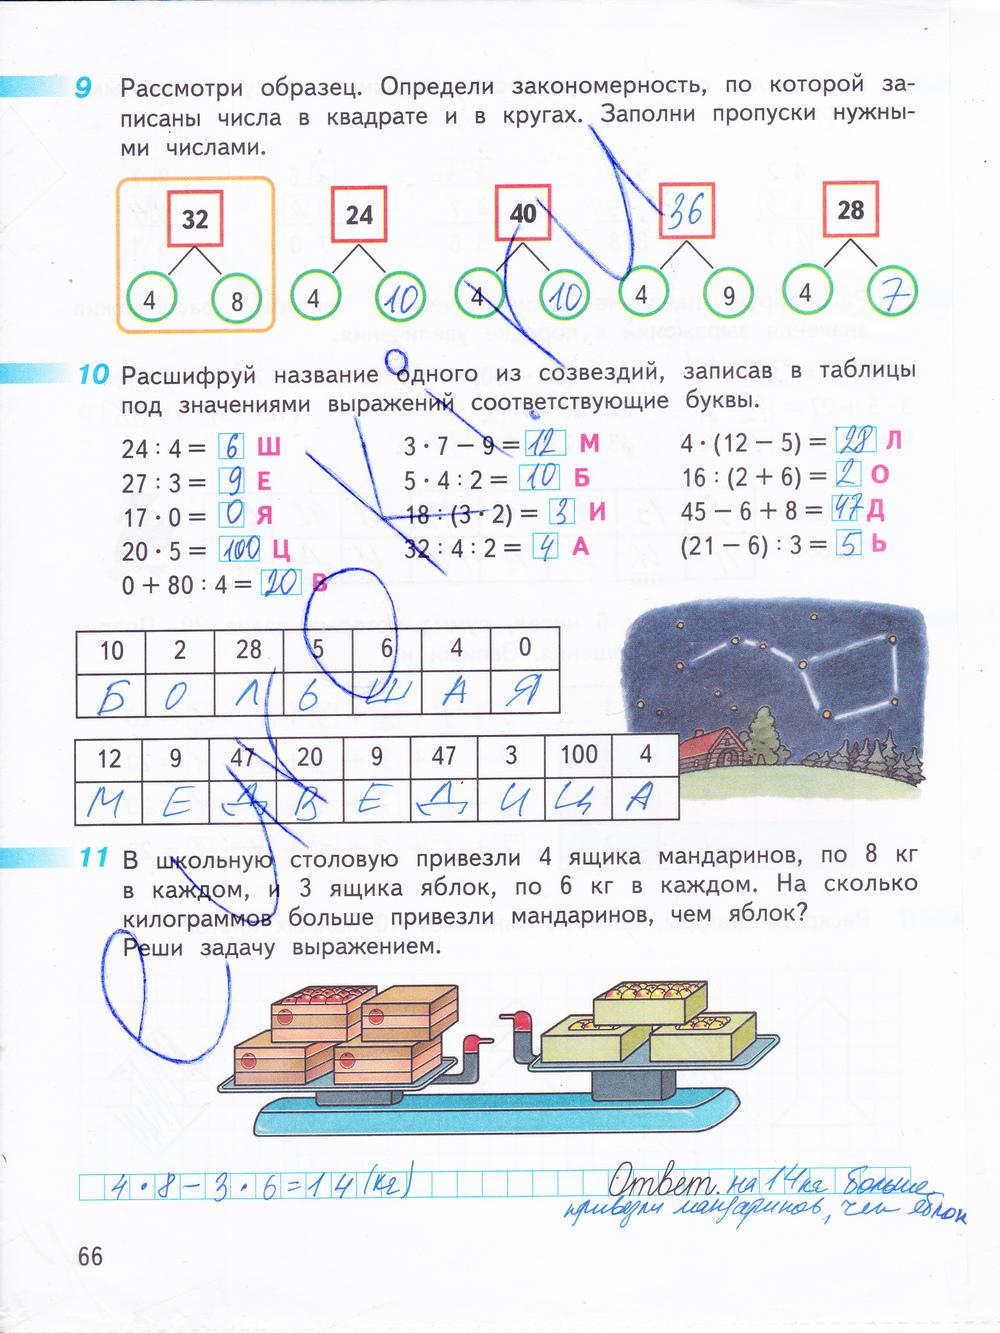 класс 3 рабочий математика тетрадь дорофеев гдз